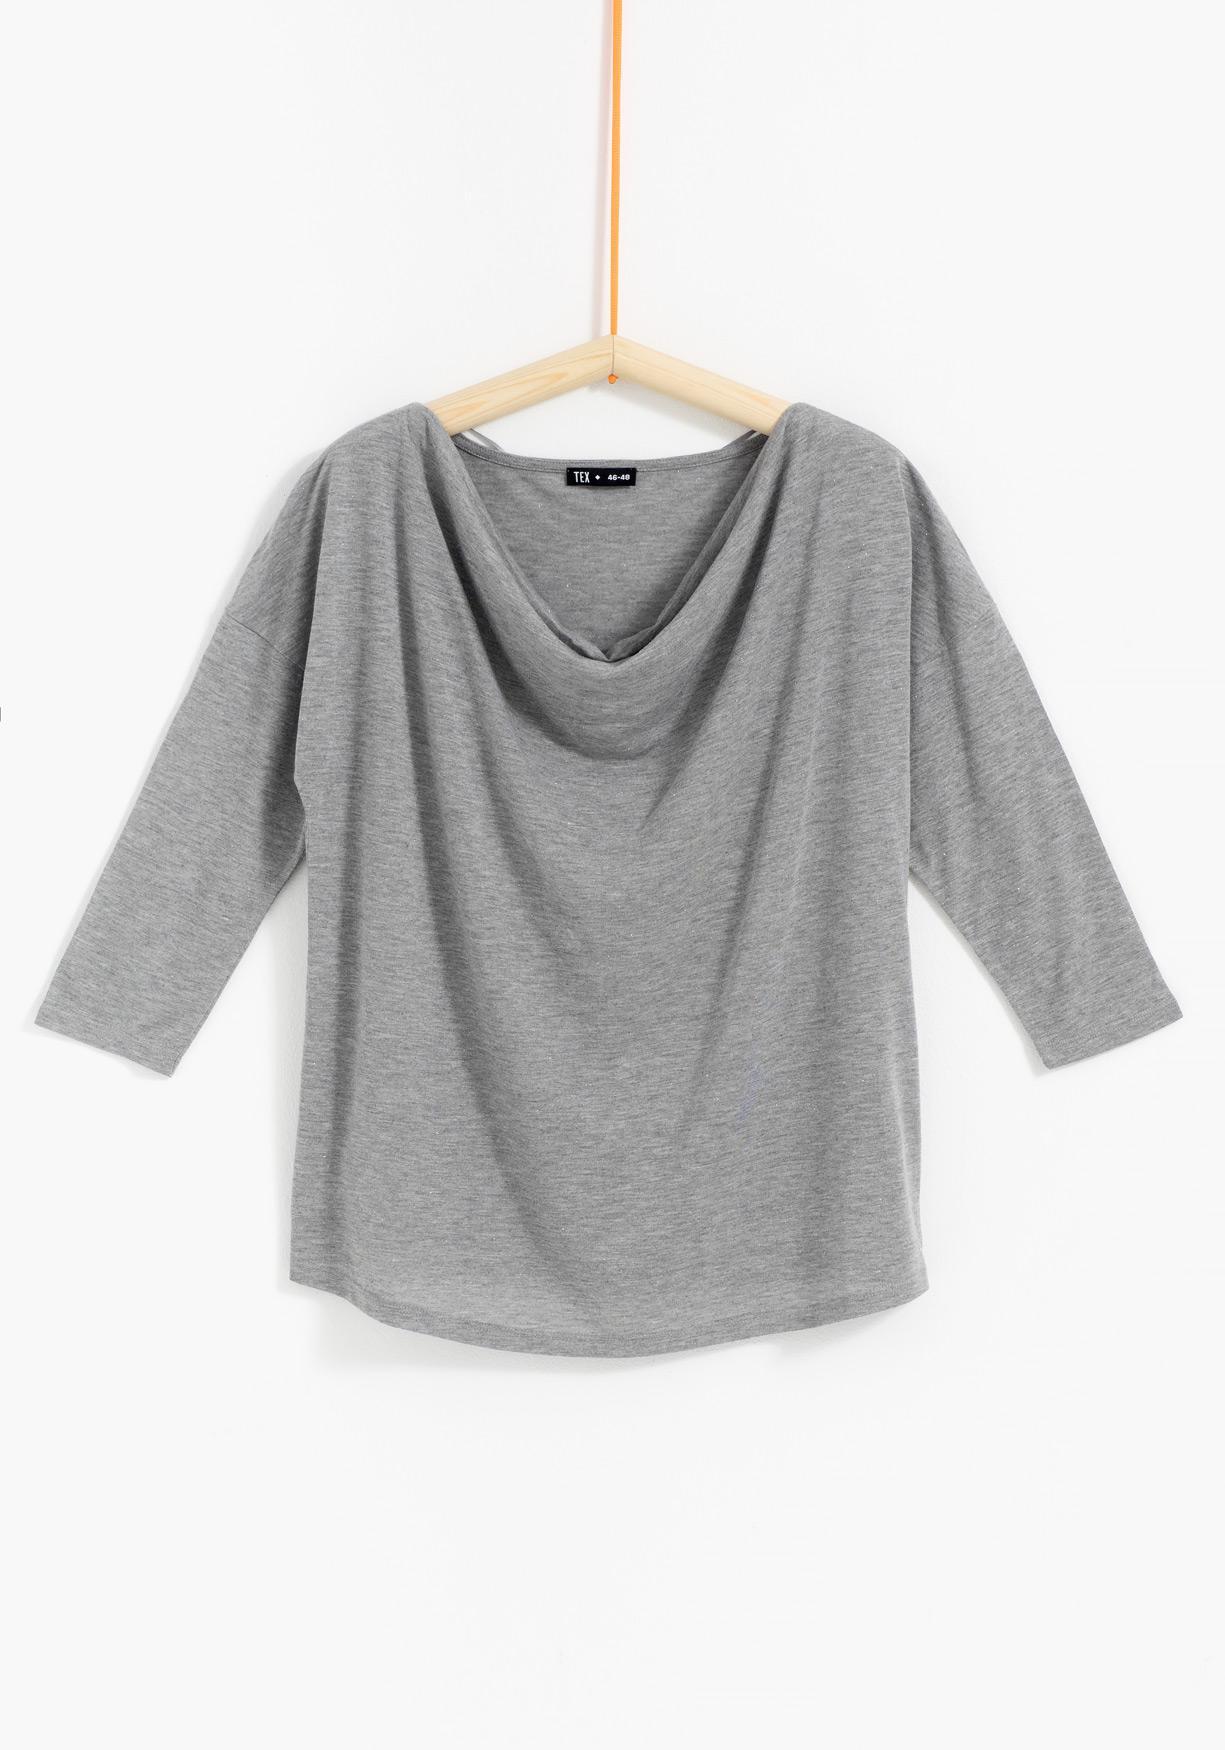 4a7e60b96c1 Comprar Camiseta para tallas grandes TEX. ¡Aprovéchate de nuestros ...